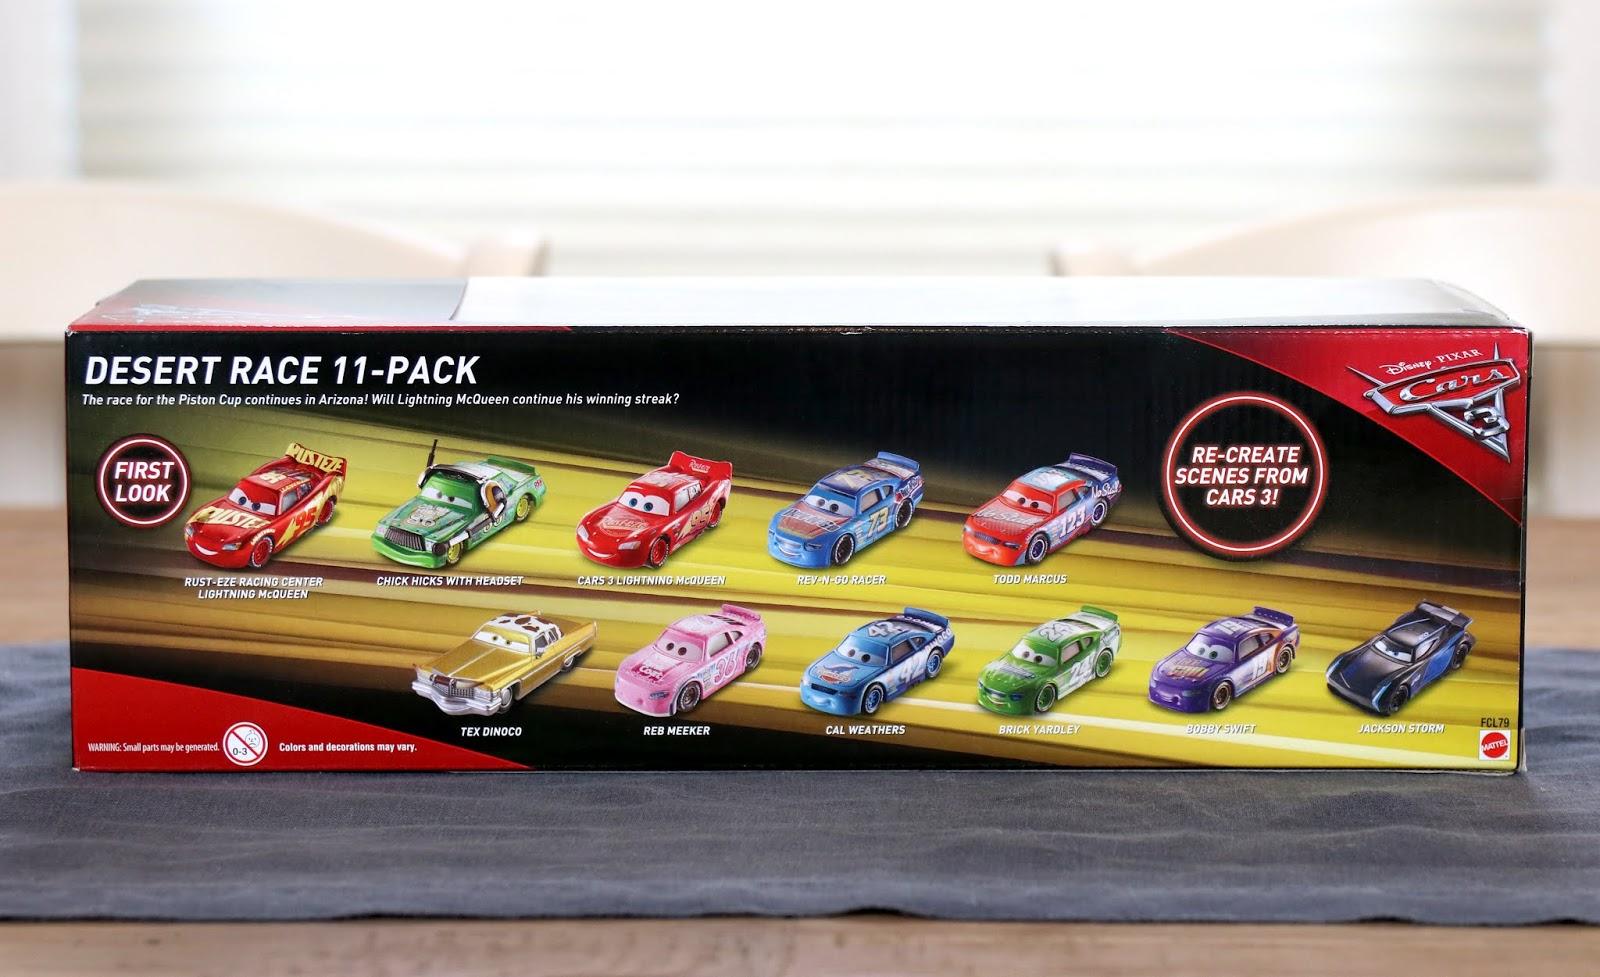 Cars 3 Desert Race 11-Pack